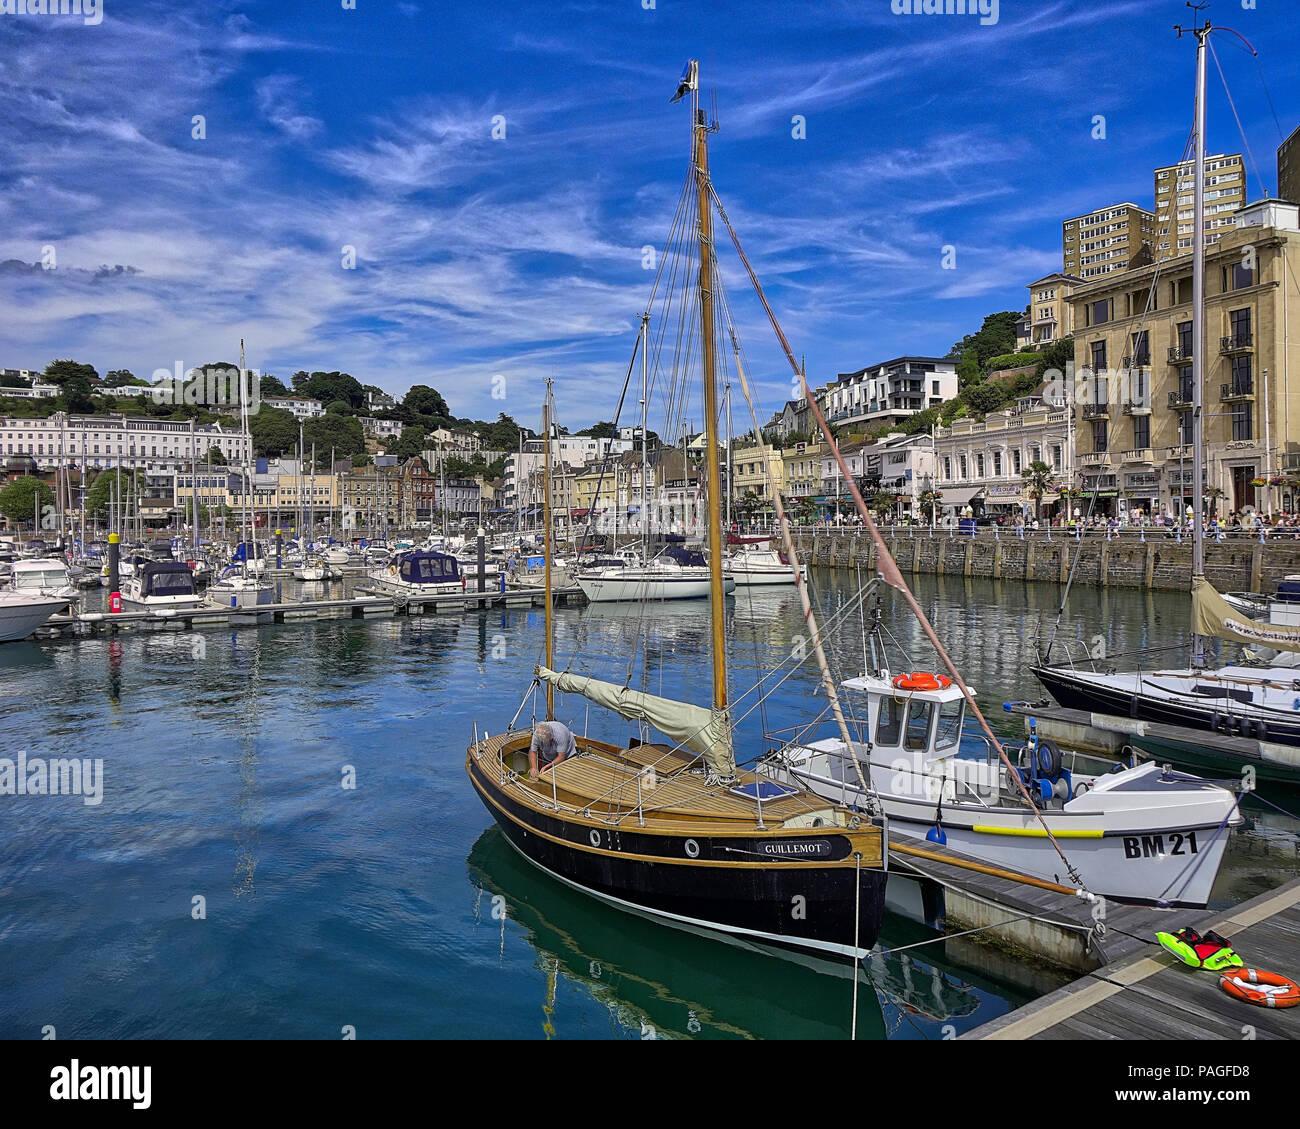 De - Devon: Der geschäftigen inneren Hafen von Torquay (HDR-Bild) Stockbild